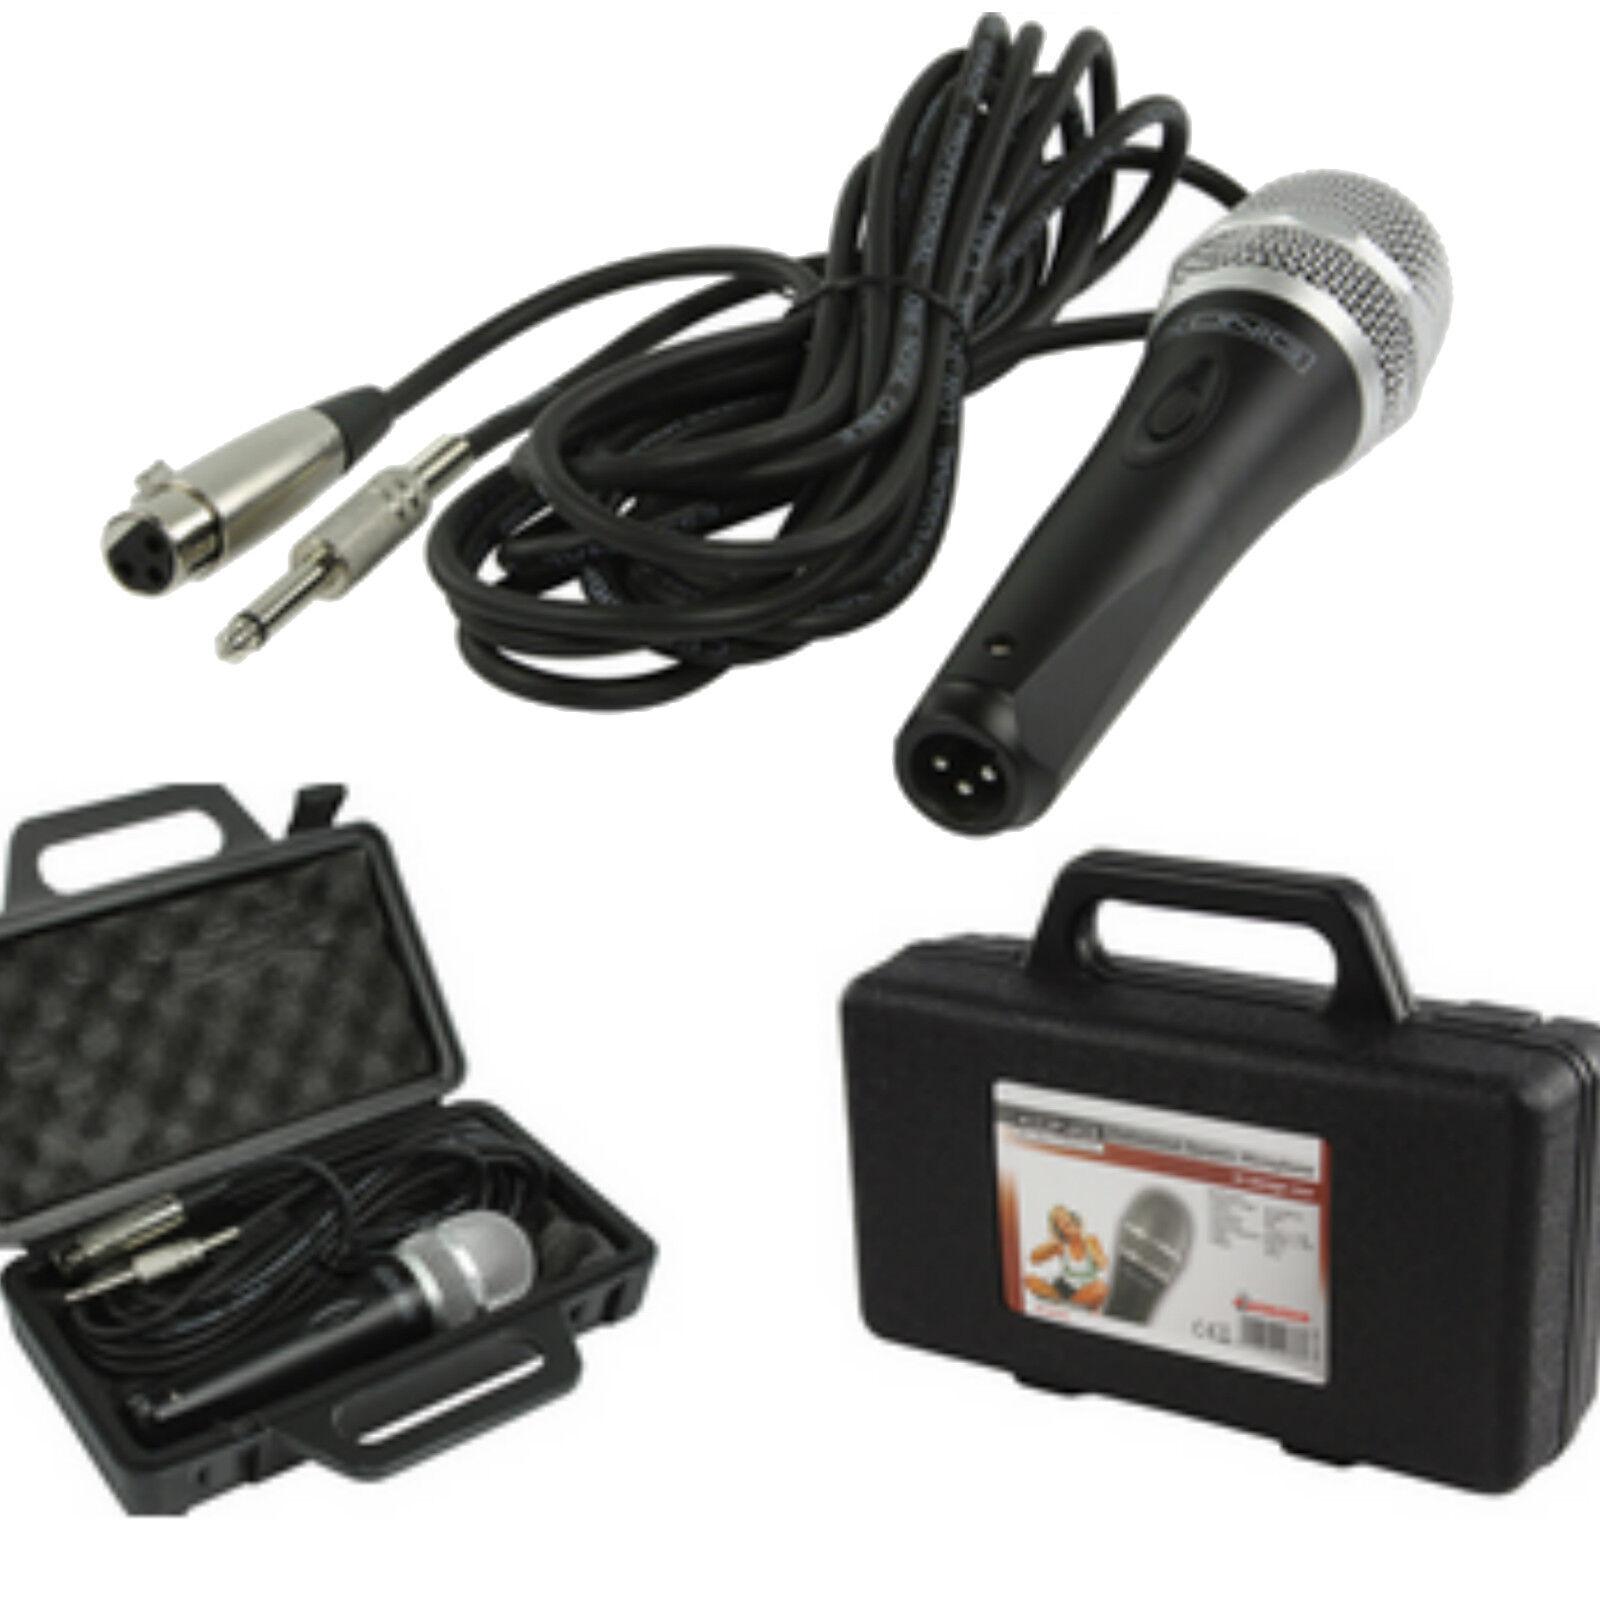 Profi Studio Dynamisches Mikrofon Microfon + Koffer + 5m XLR 6,35mm Kabel Bühne